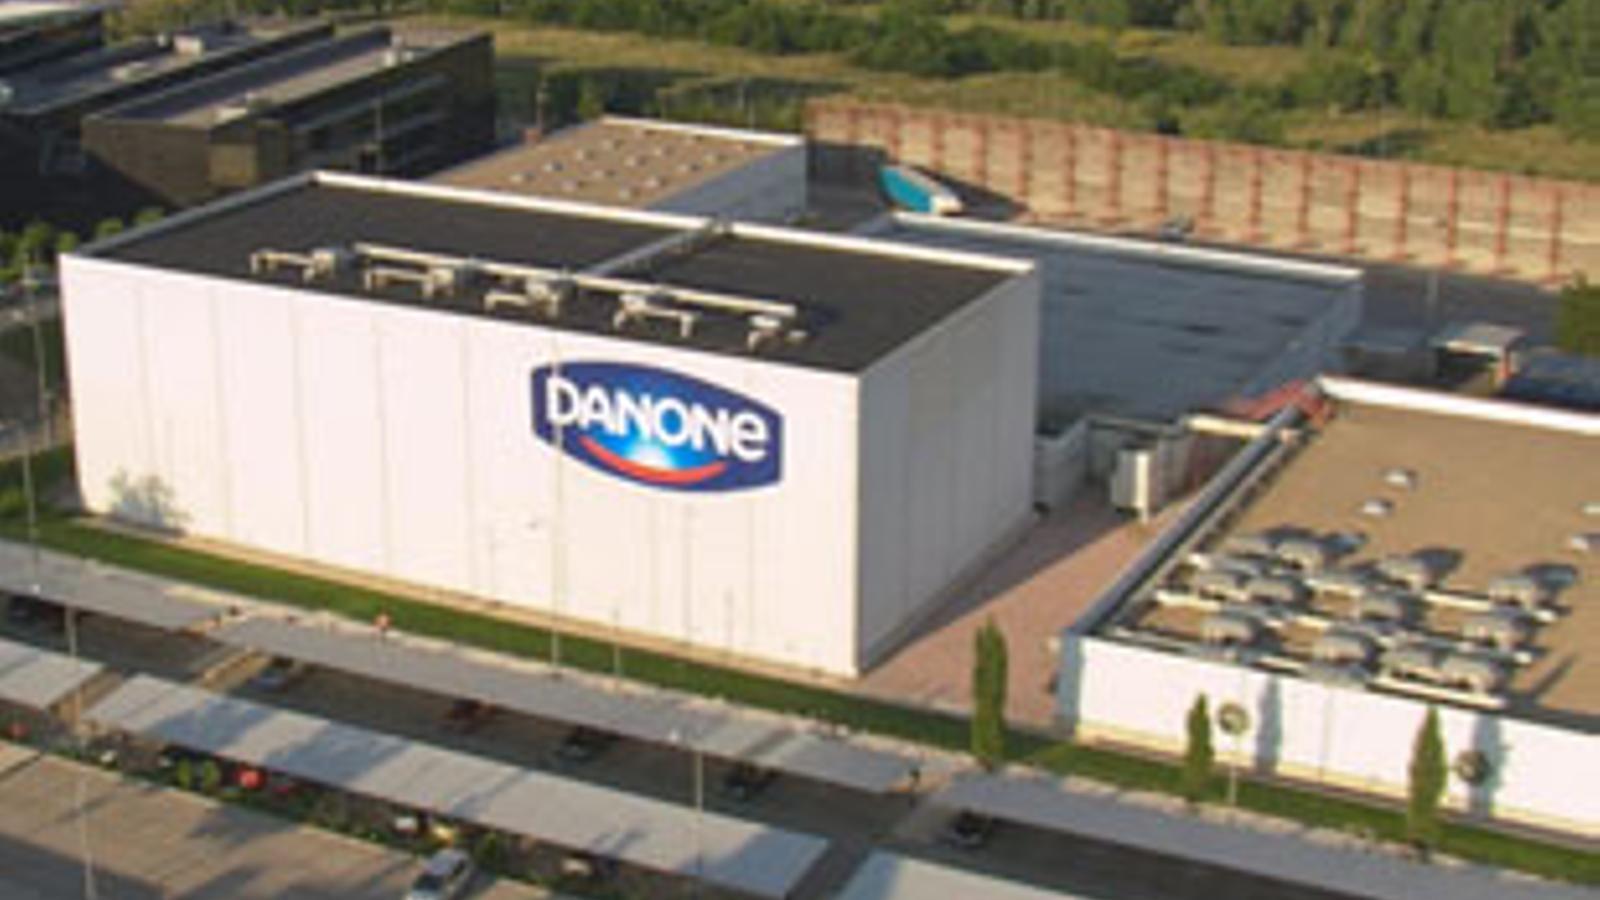 Una de les fàbriques de Danone a l'Estat./ DANONE